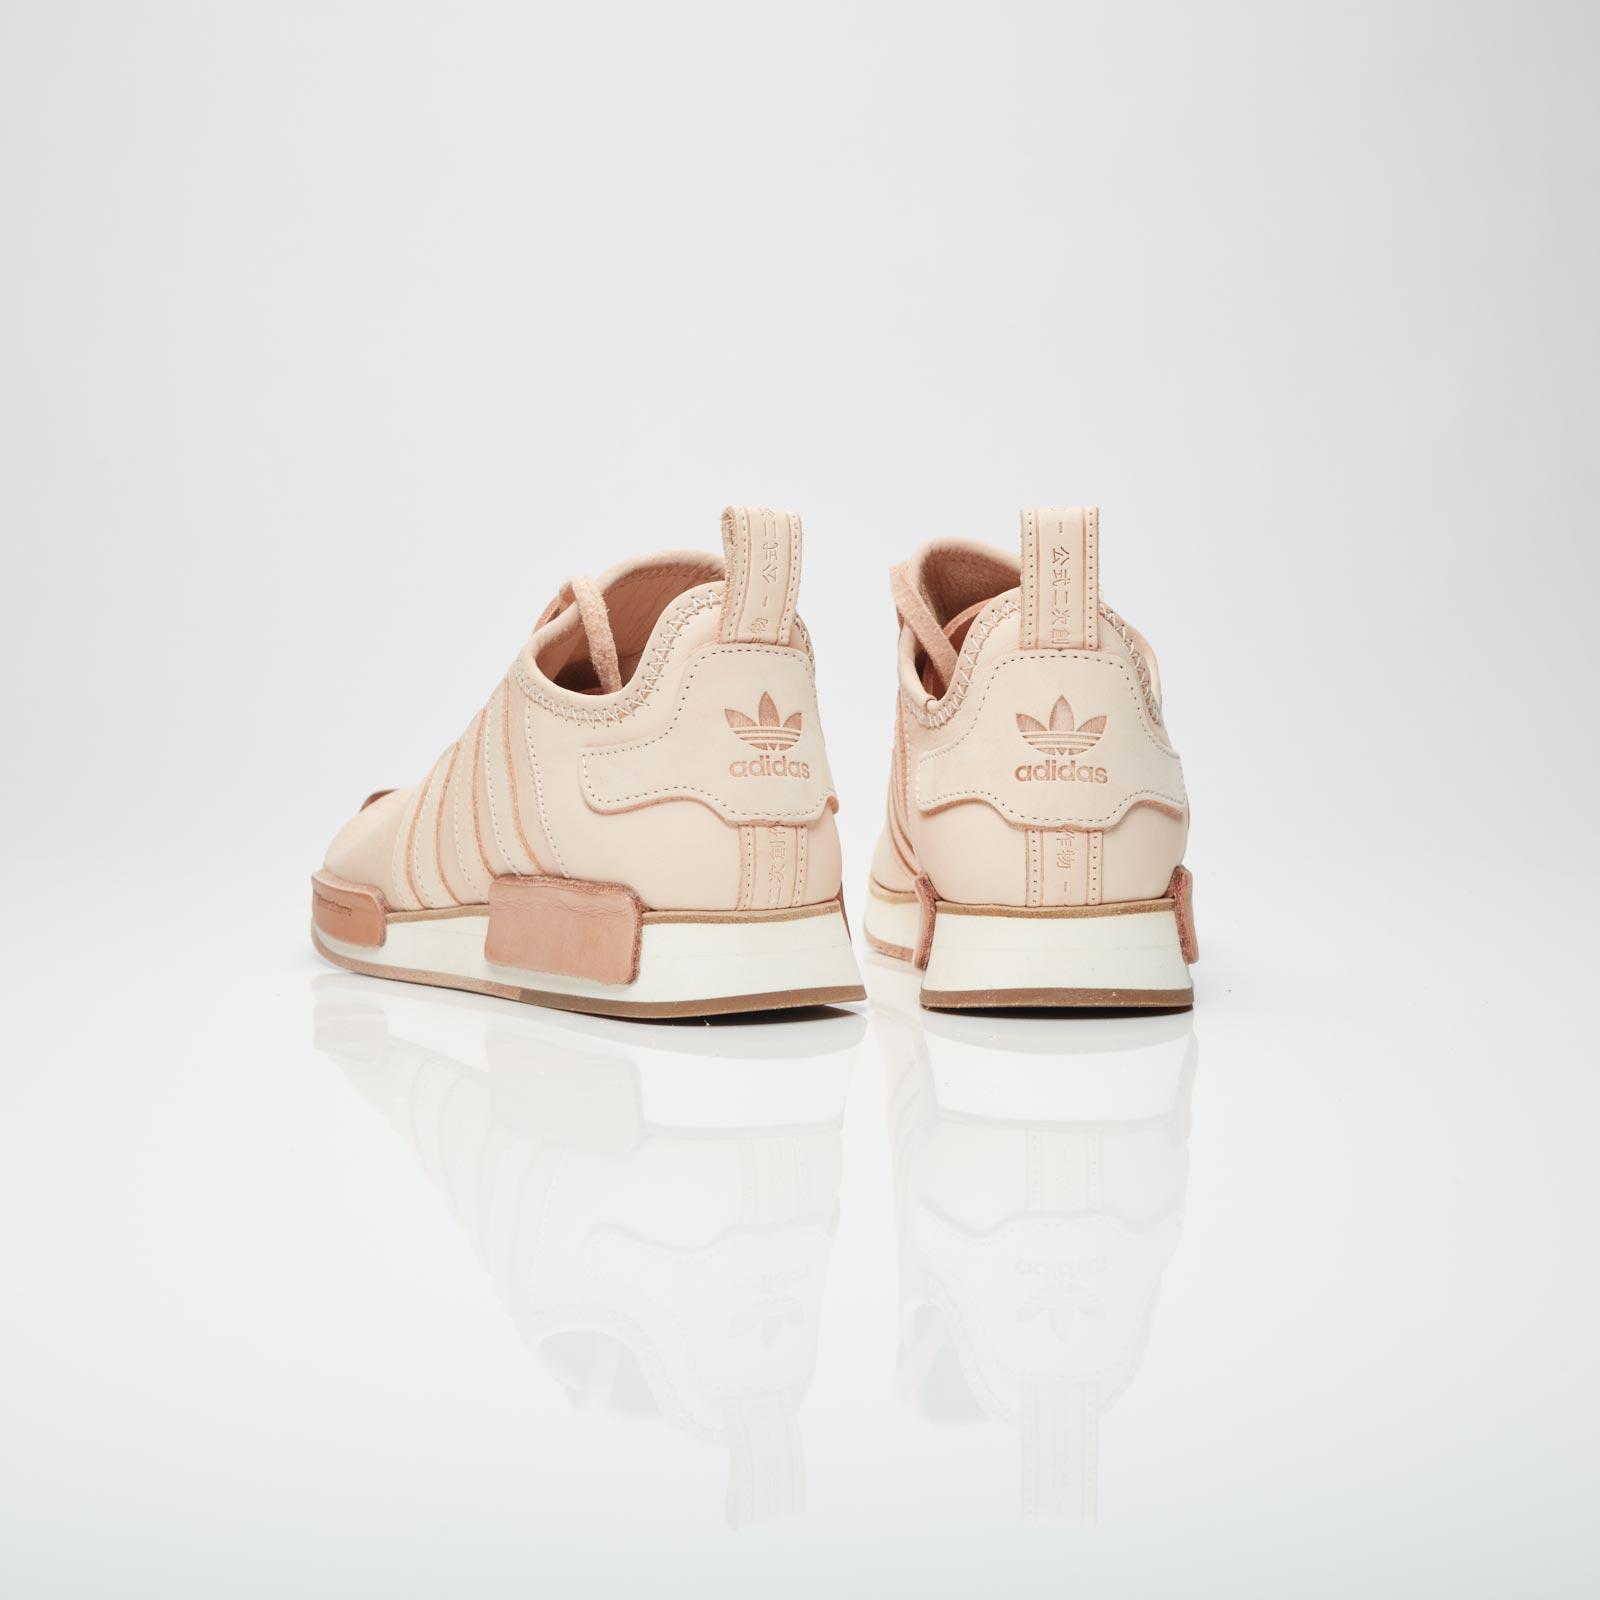 Adidas Zapatillas de sneakersnstuff régimen ci9814 NMD R1 hender